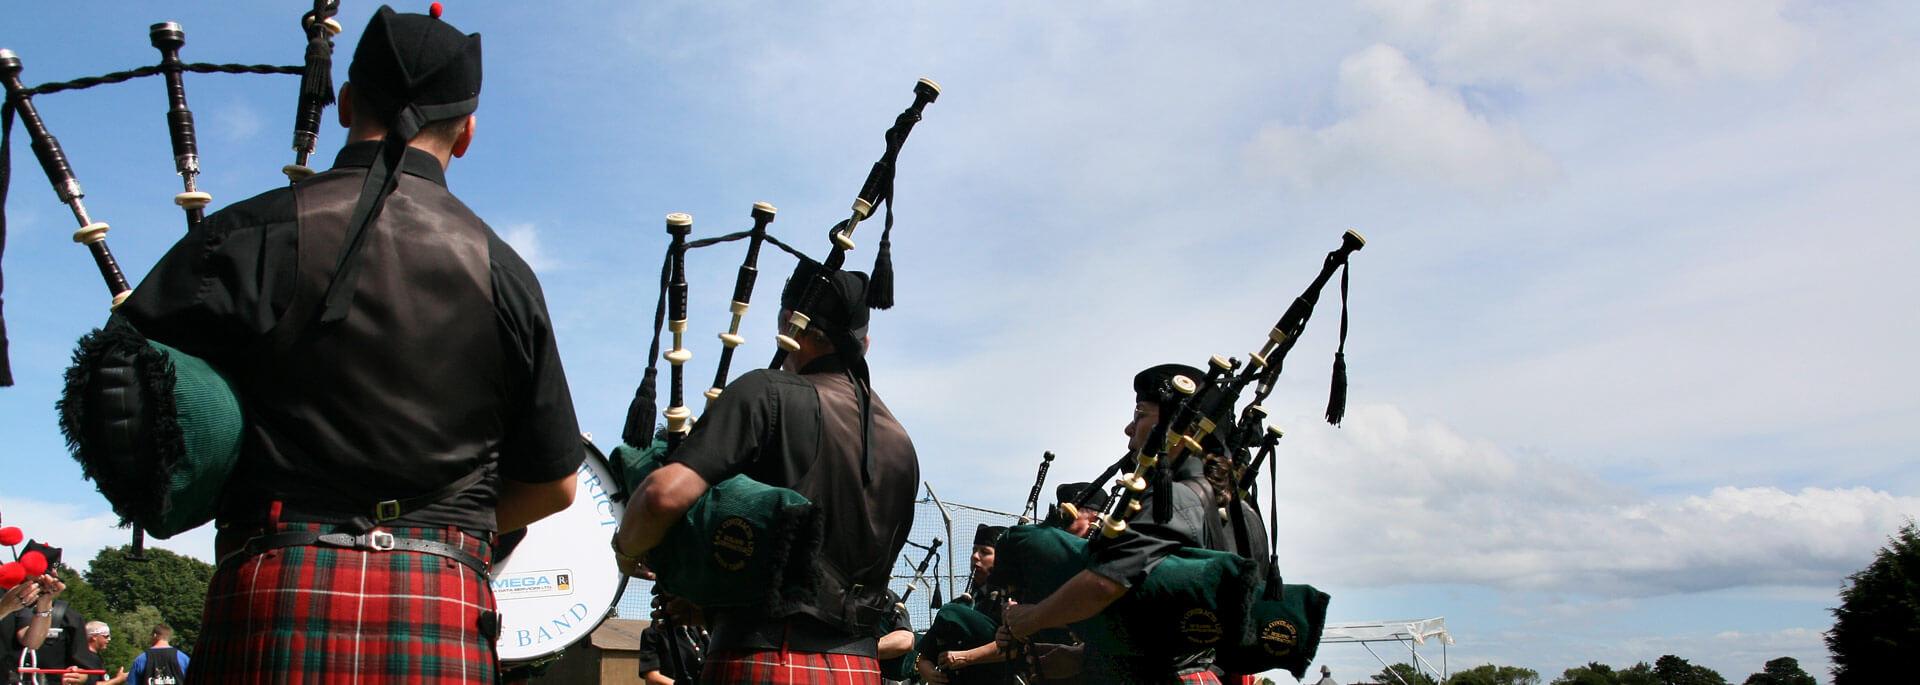 Warum man auf einem Schottland-Trip unbedingt zu den Highland Games gehen sollte